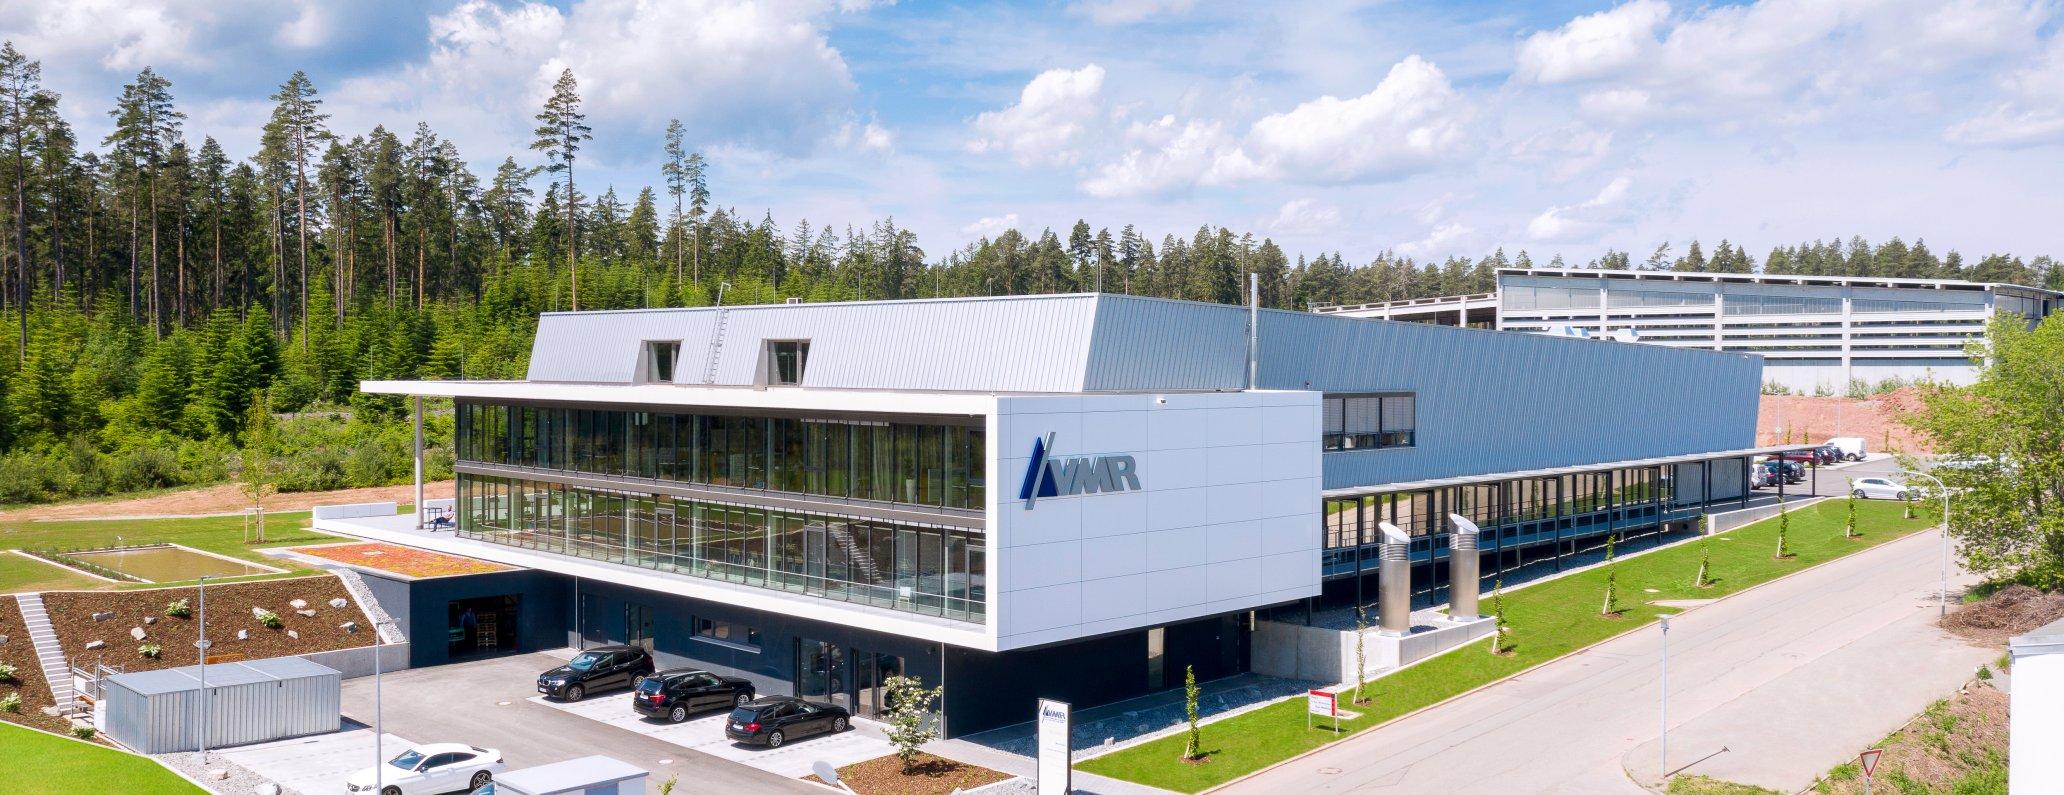 Exterior view Headquarters VMR, Mönchweiler